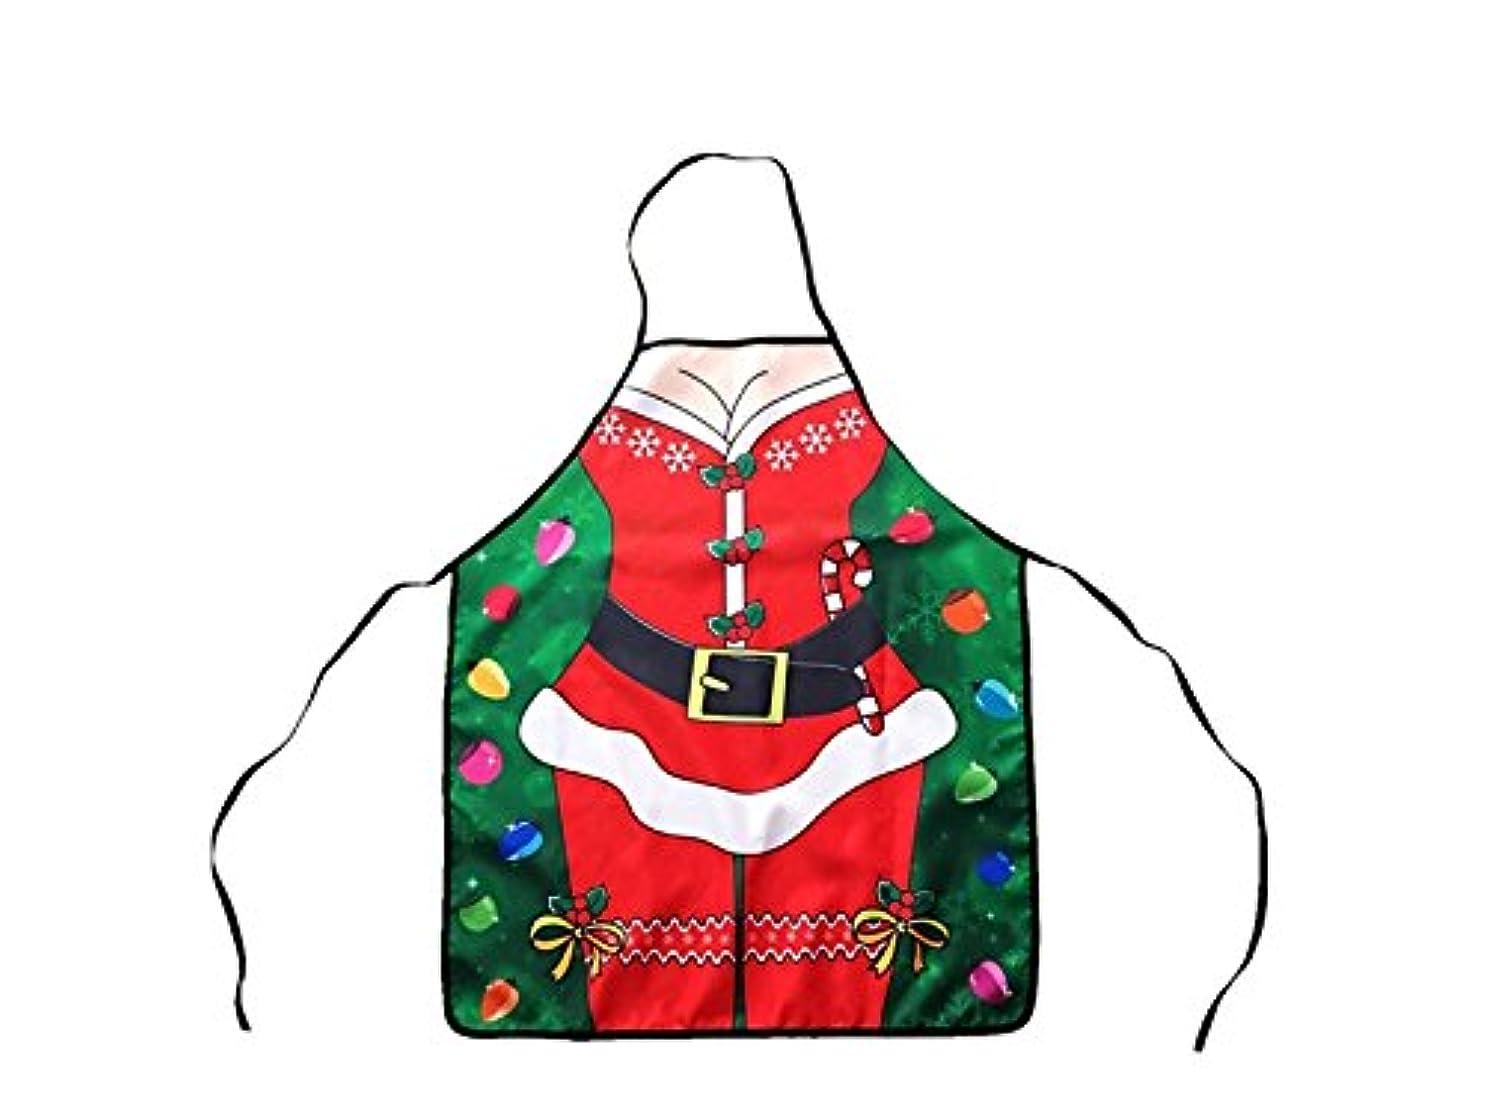 シネマ手つかずの郵便番号Osize にぎやか ノベルティ面白いセクシーなクリスマスエプロン吊りネックノースリーブパーティーコスプレエプロン女性と男のための